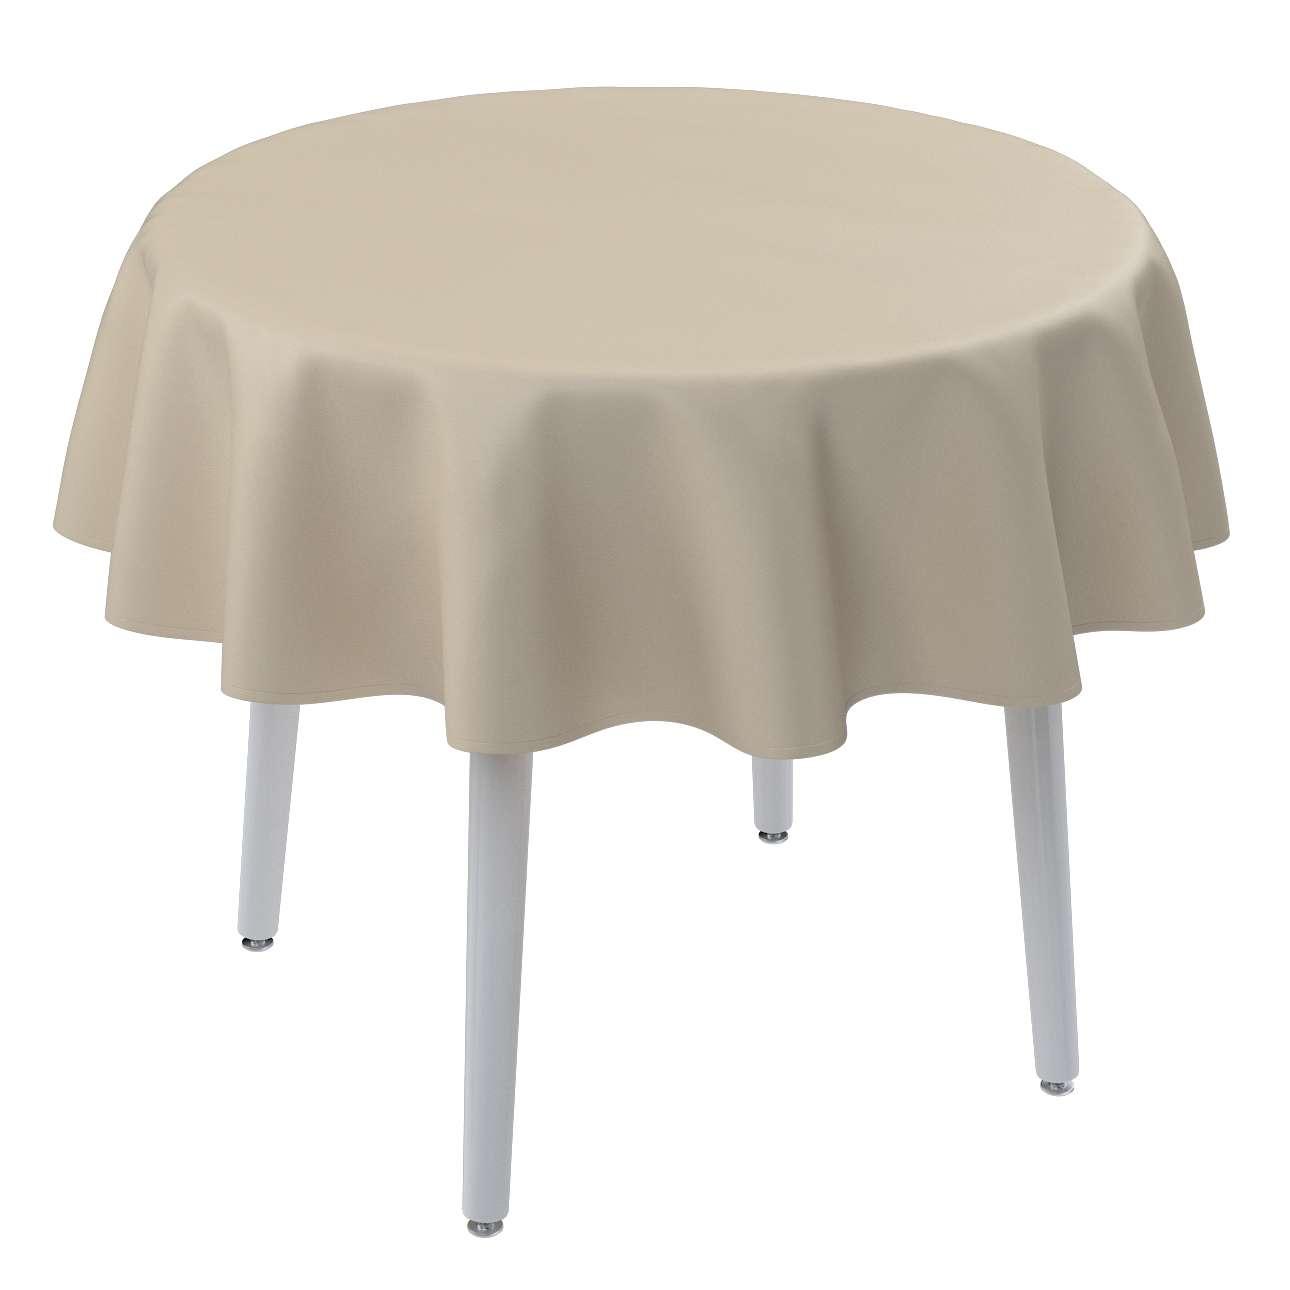 Runde Tischdecke von der Kollektion Damasco, Stoff: 141-73